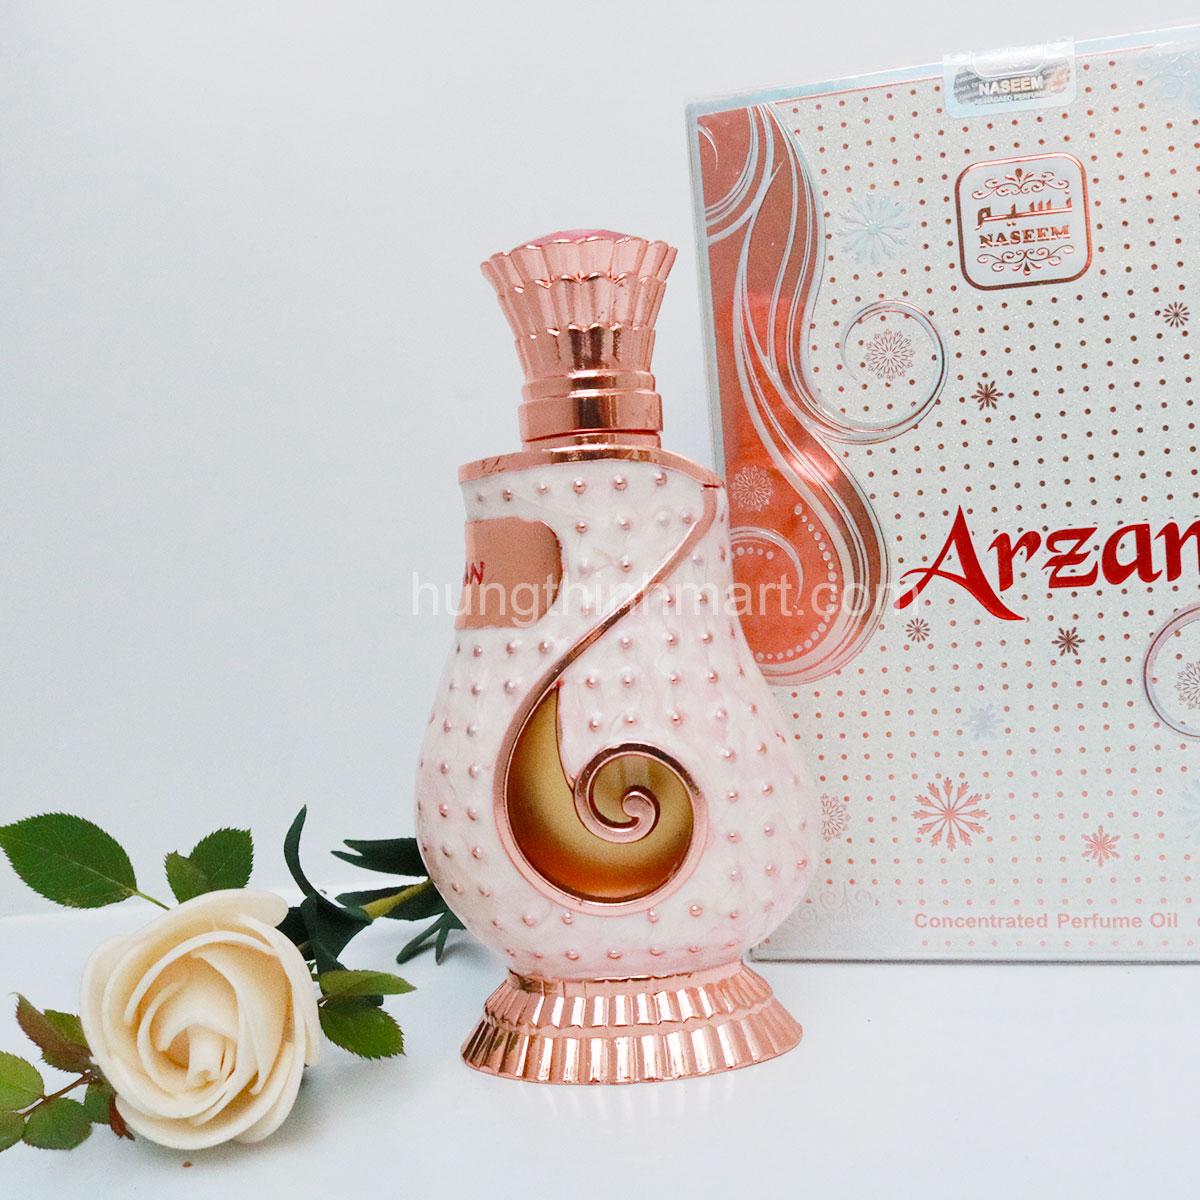 arzan-1.jpg